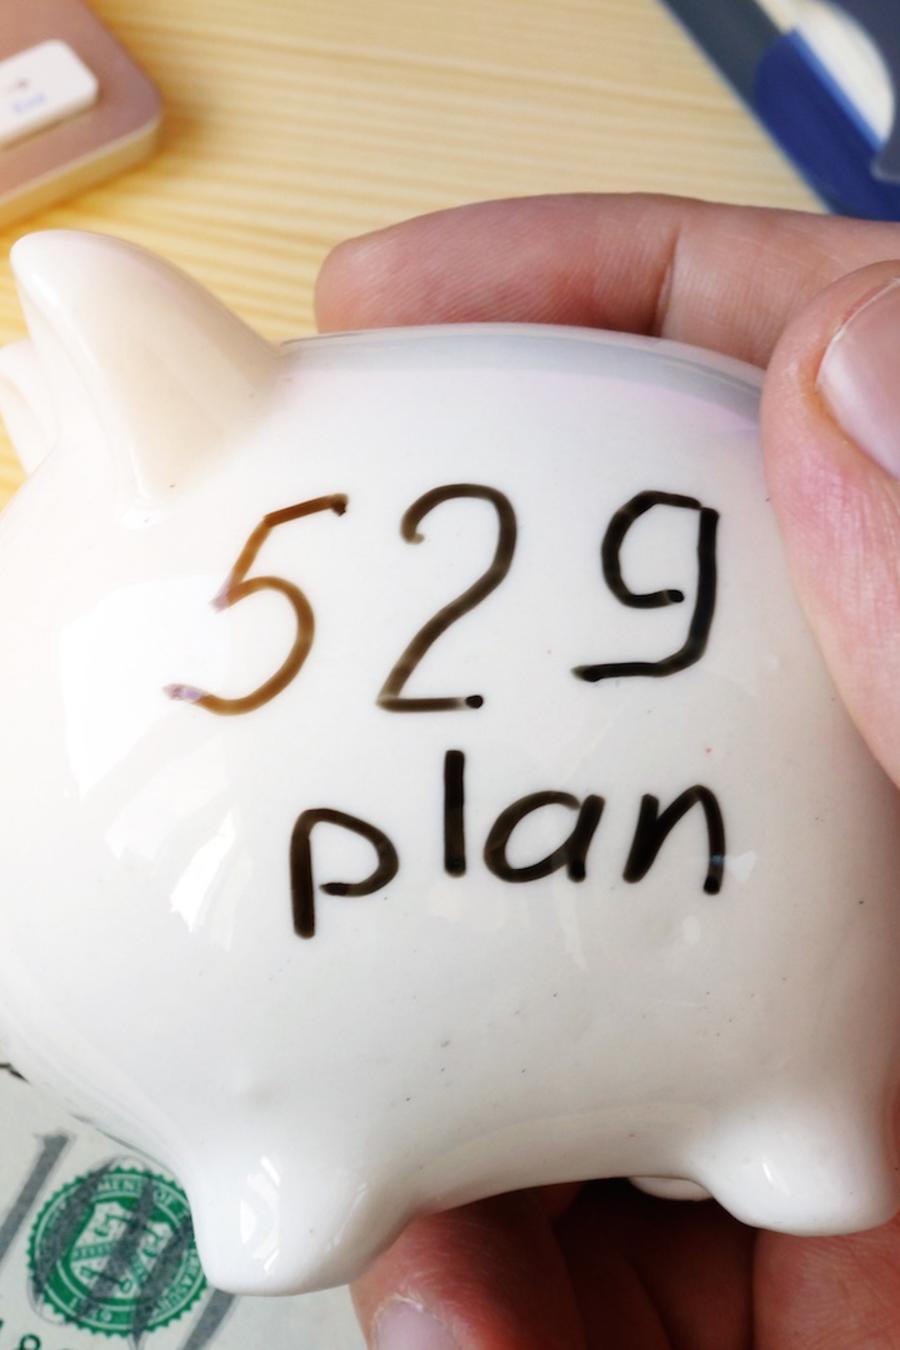 Plan 529